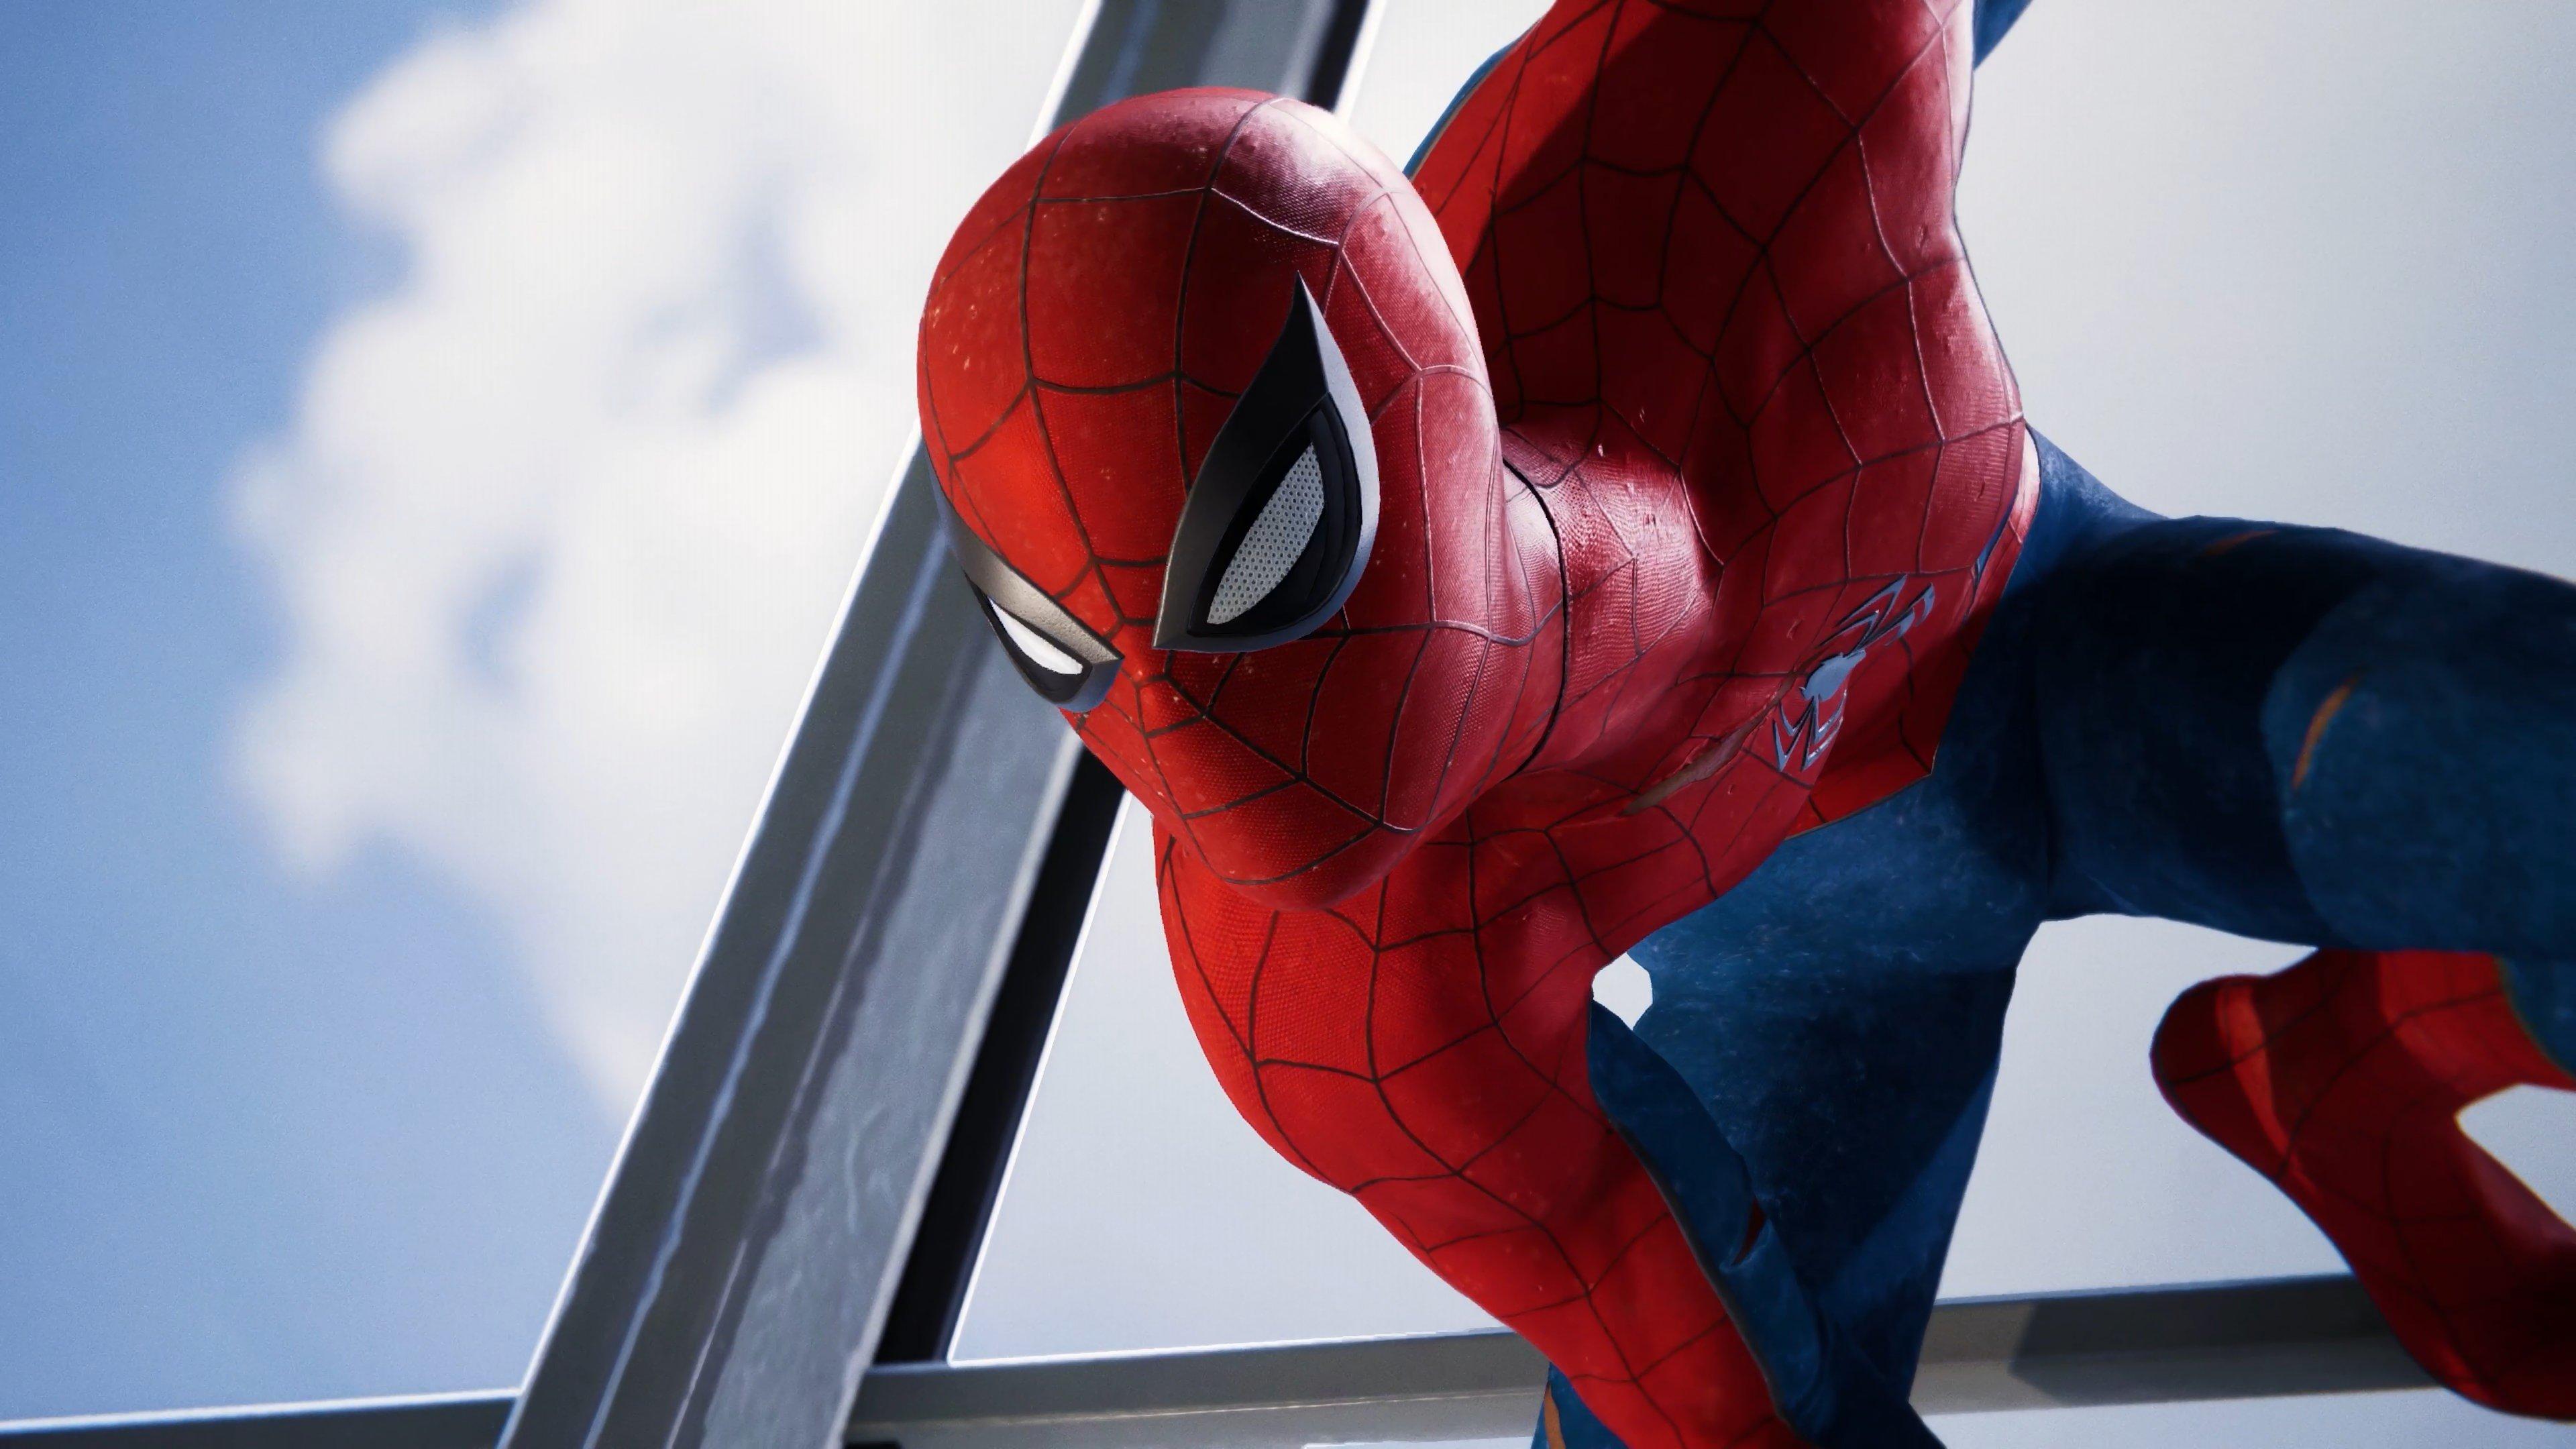 Fondo de pantalla de Spider-Man PS4 observando Imágenes